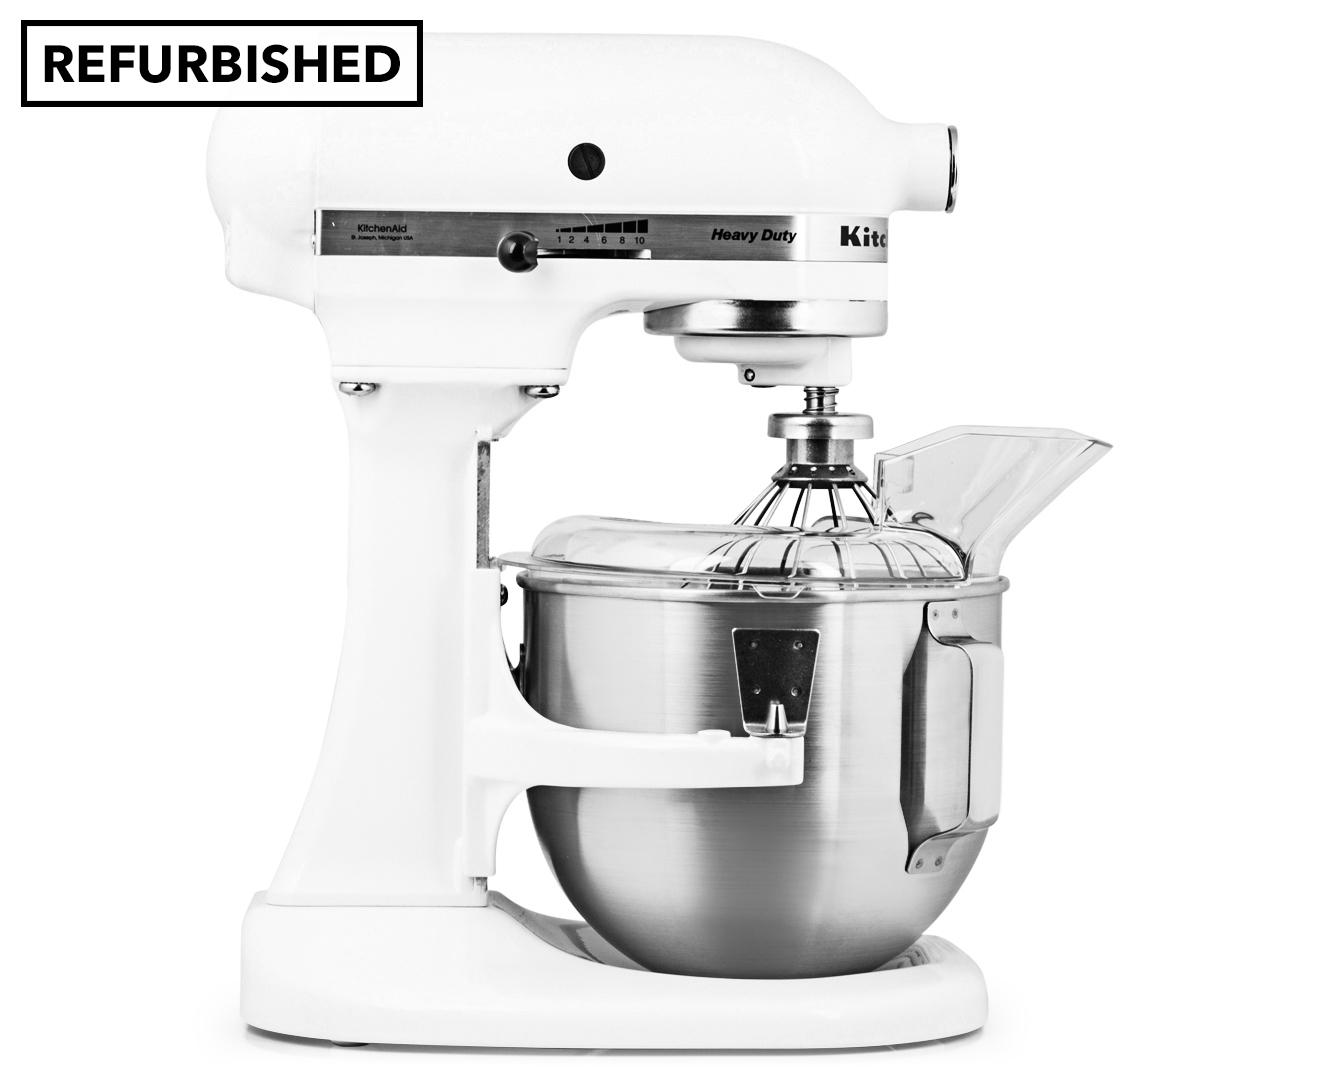 shopping kitchenaid k5ss bowl lift stand mixer refurb white